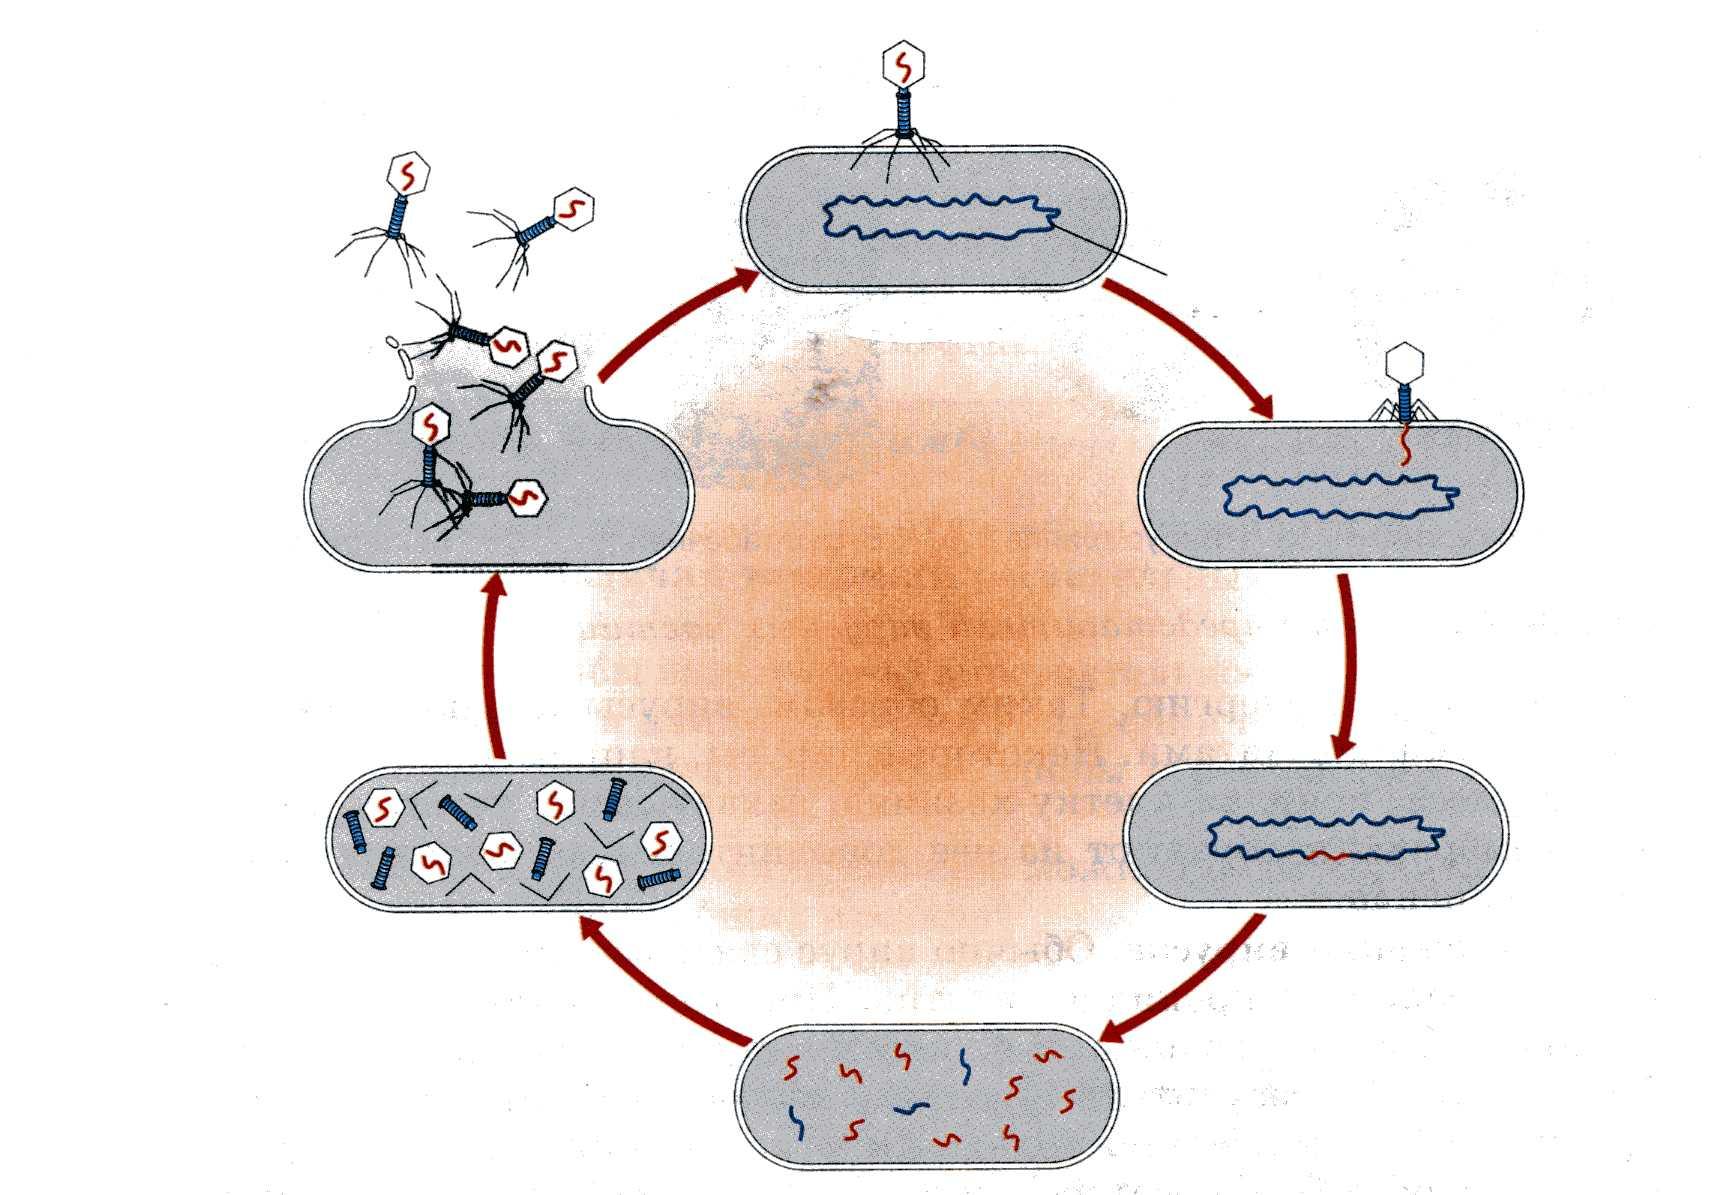 Жизненный цикл клетки: фазы, периоды. жизненный цикл вируса в клетке хозяина :: syl.ru